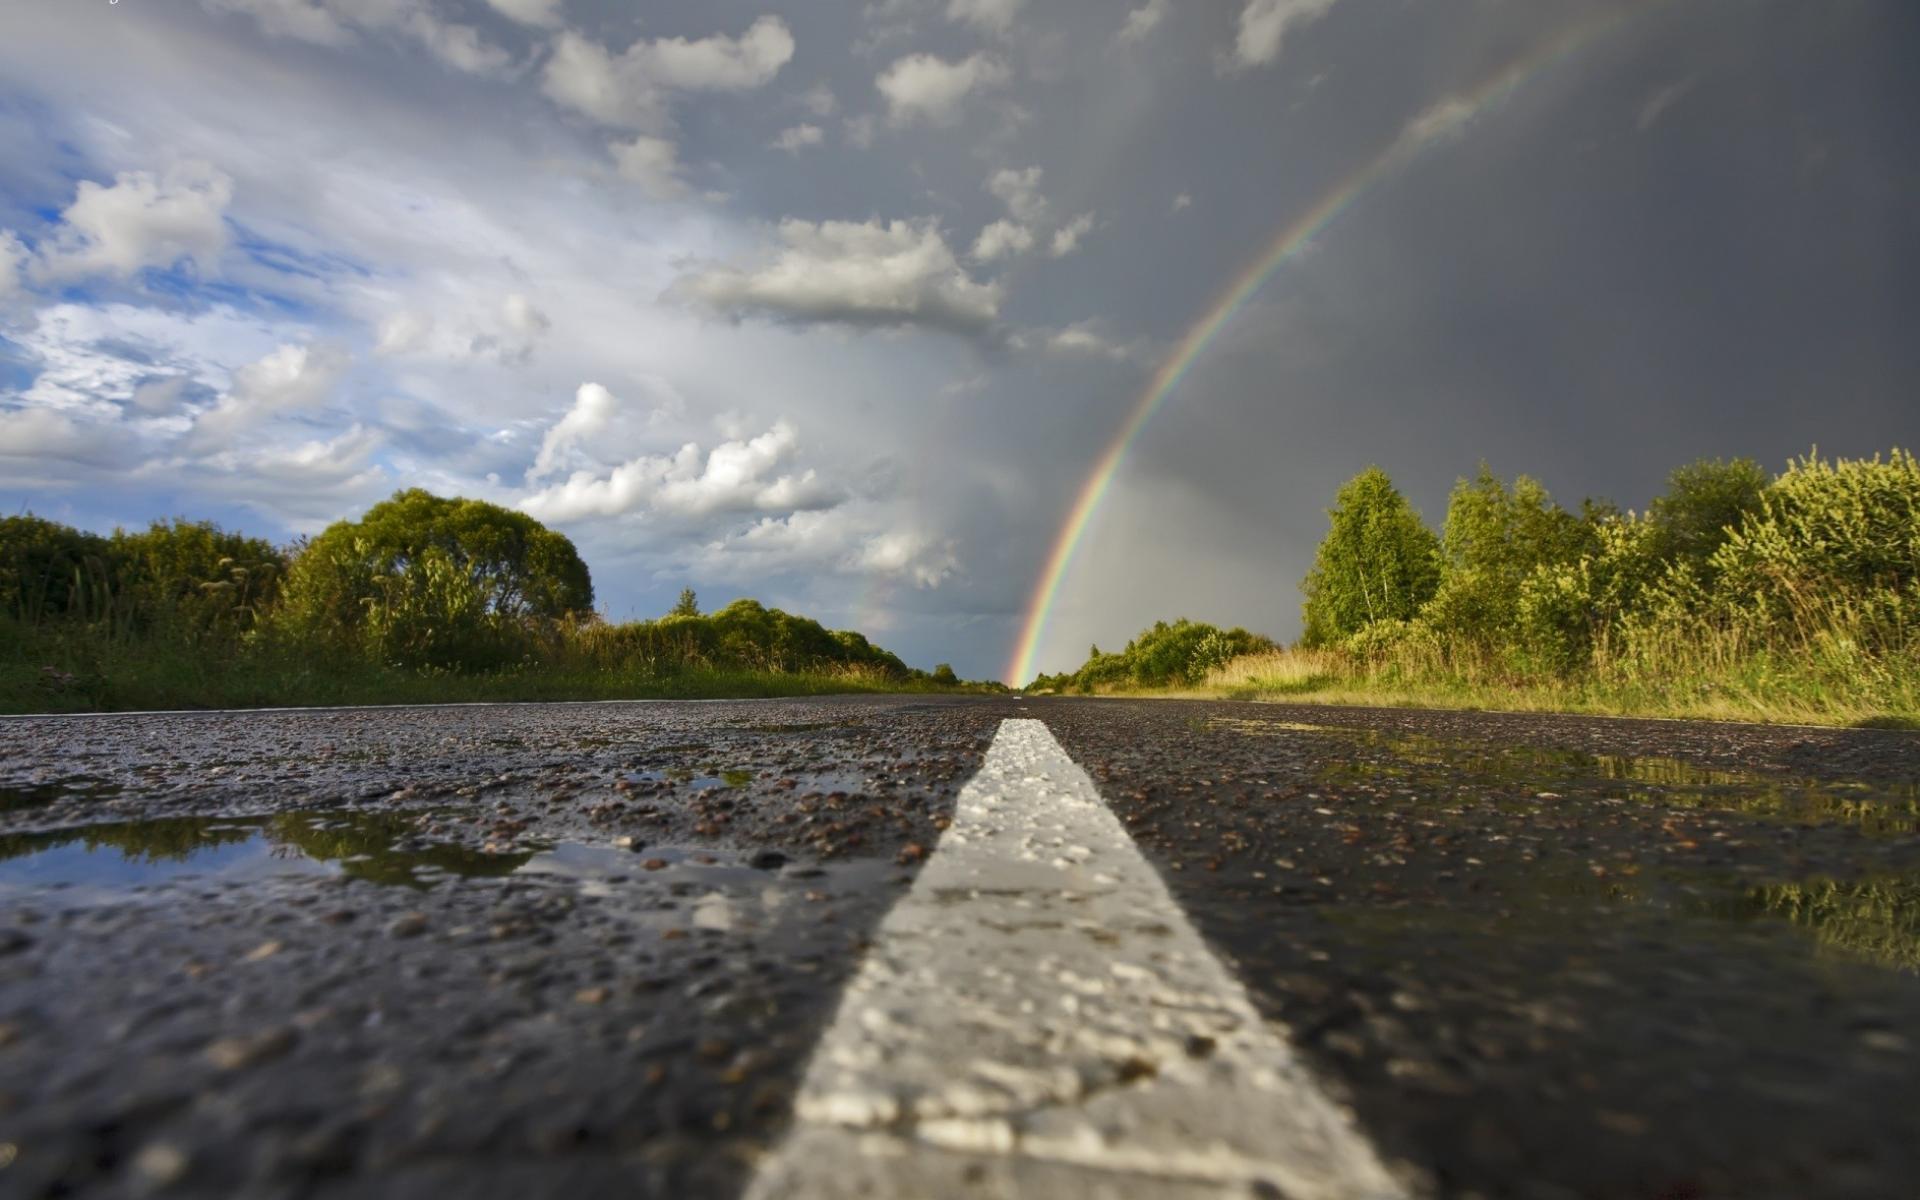 Картинки дождя для лд - a